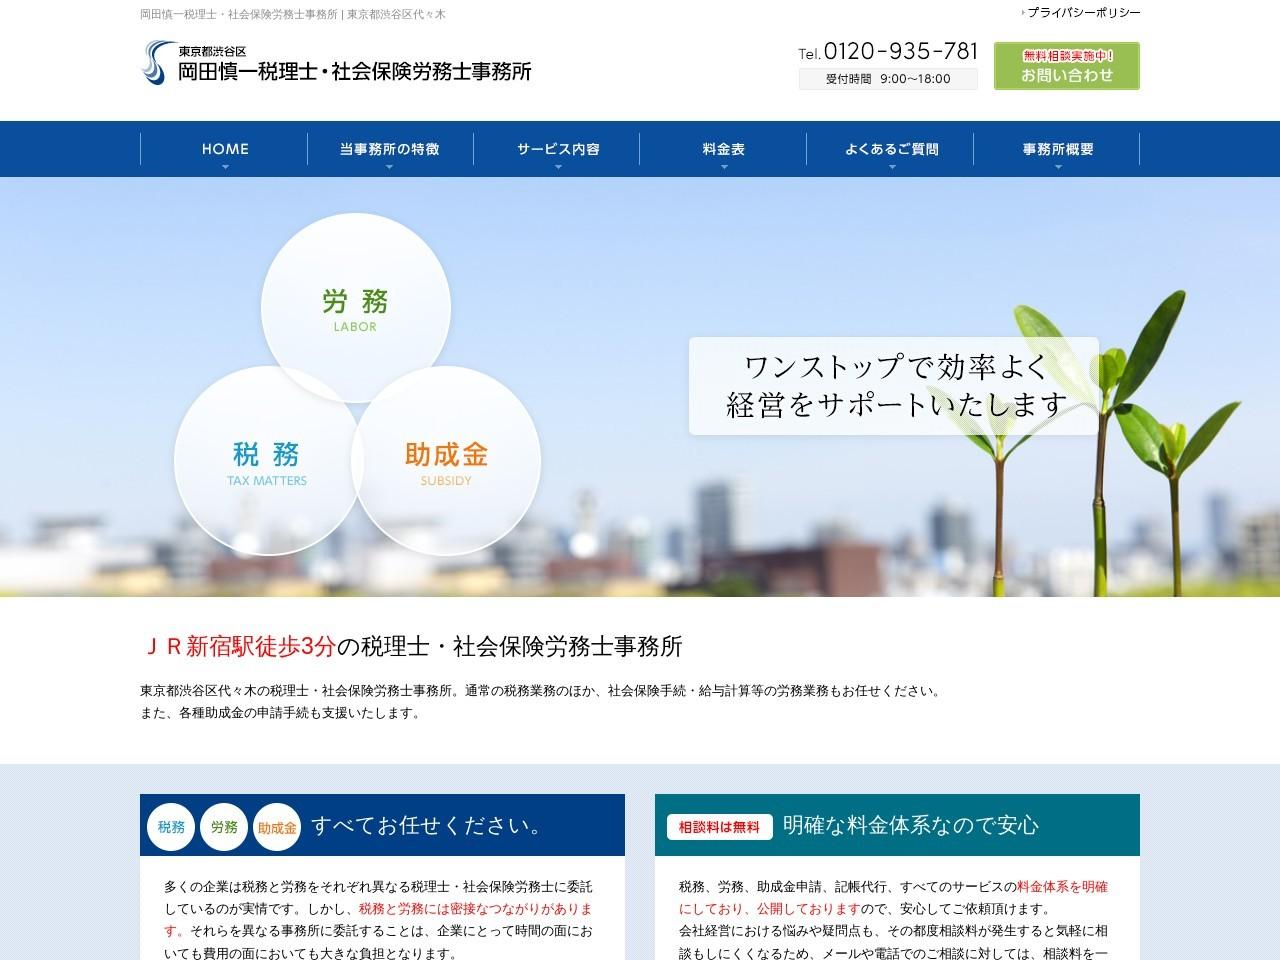 岡田税理士・社会保険労務士事務所